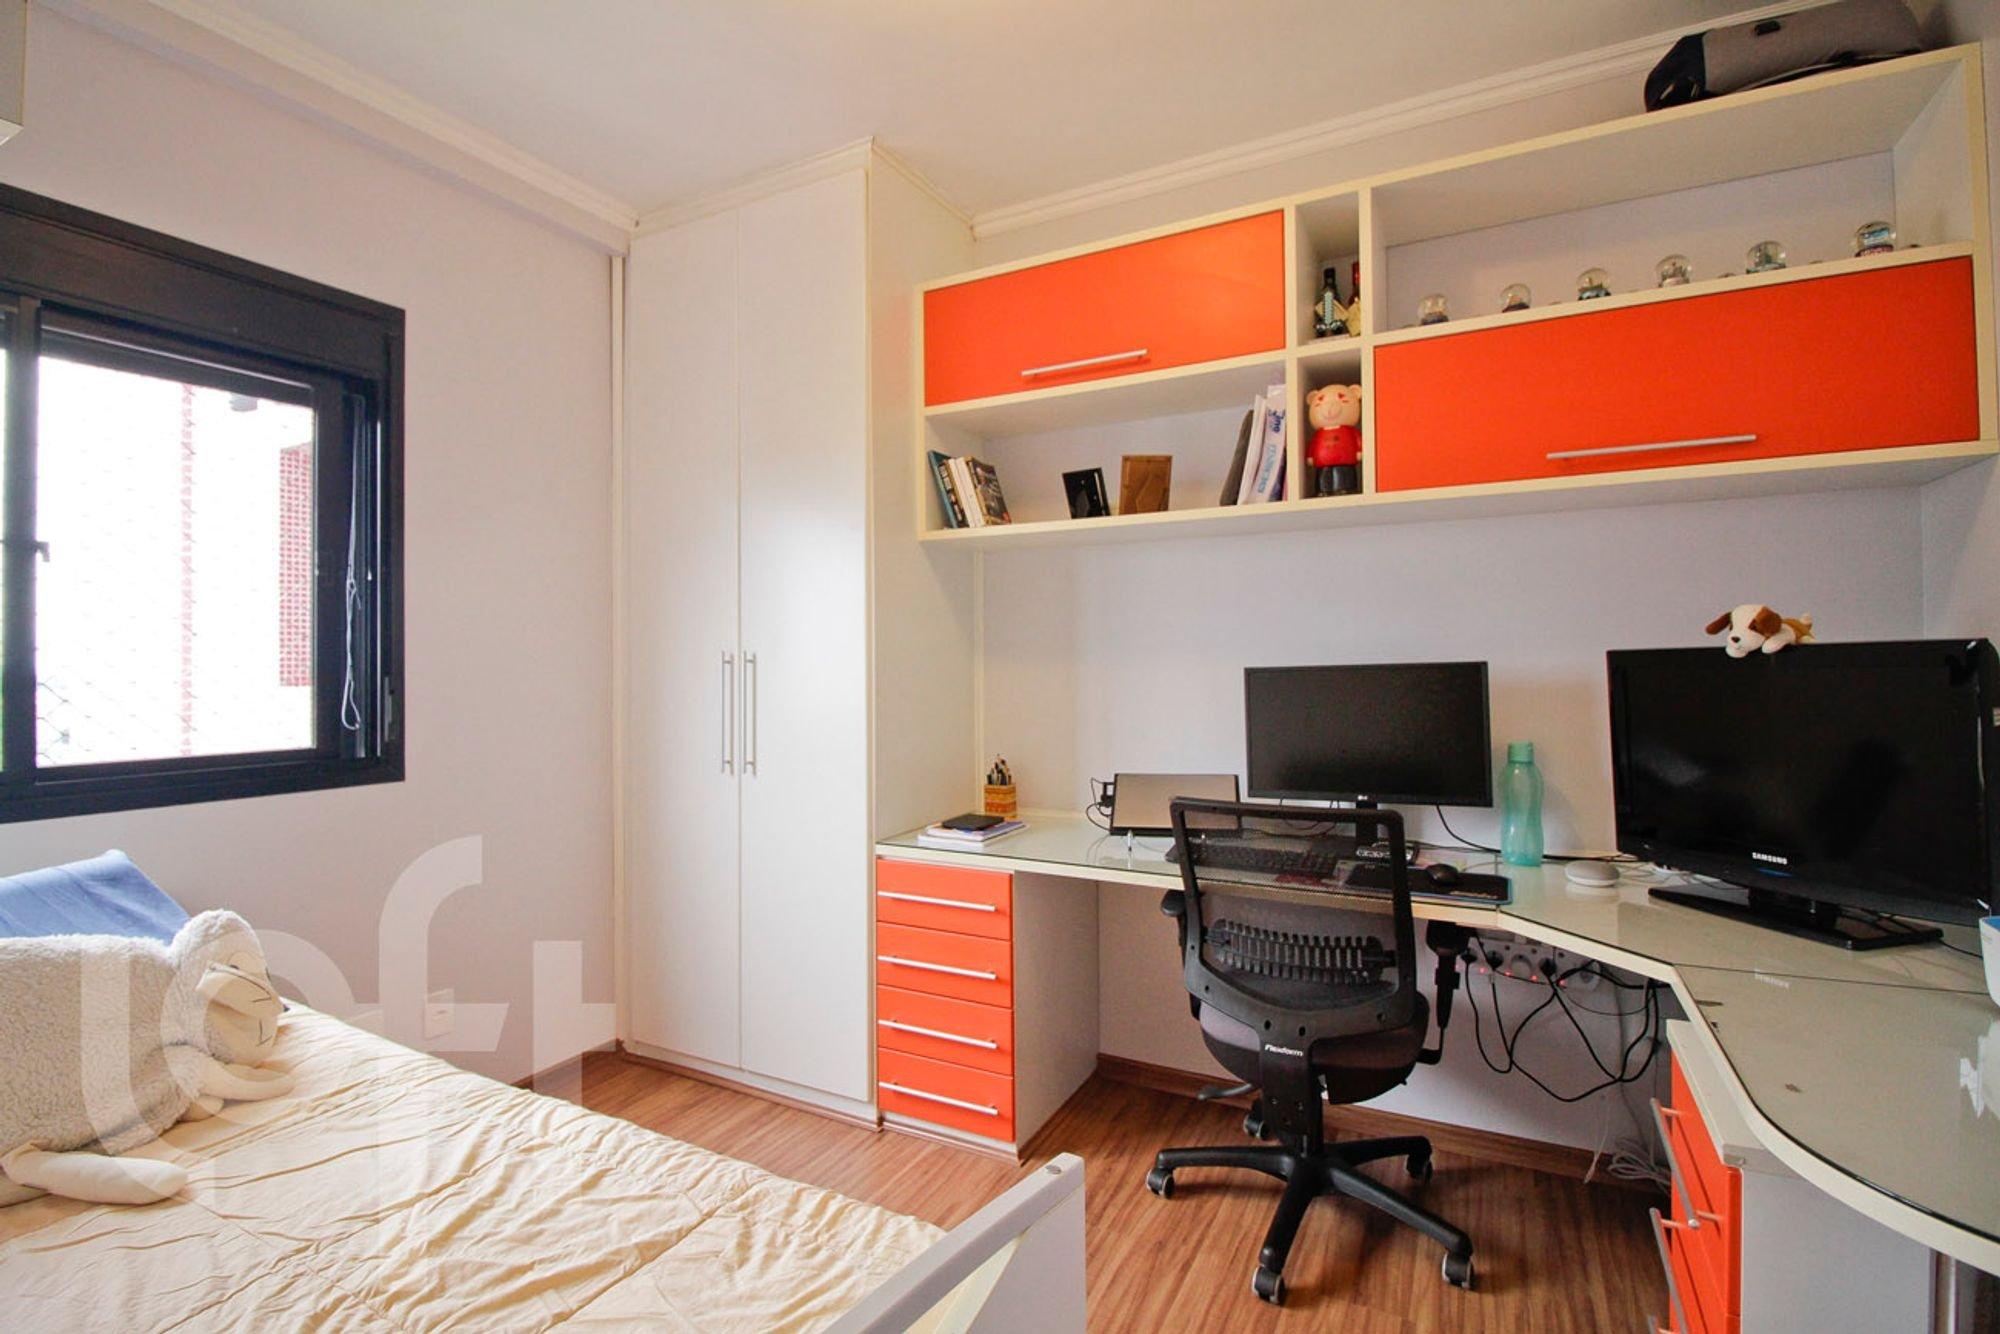 Foto de Quarto com cama, mouse, televisão, cadeira, livro, garrafa, xícara